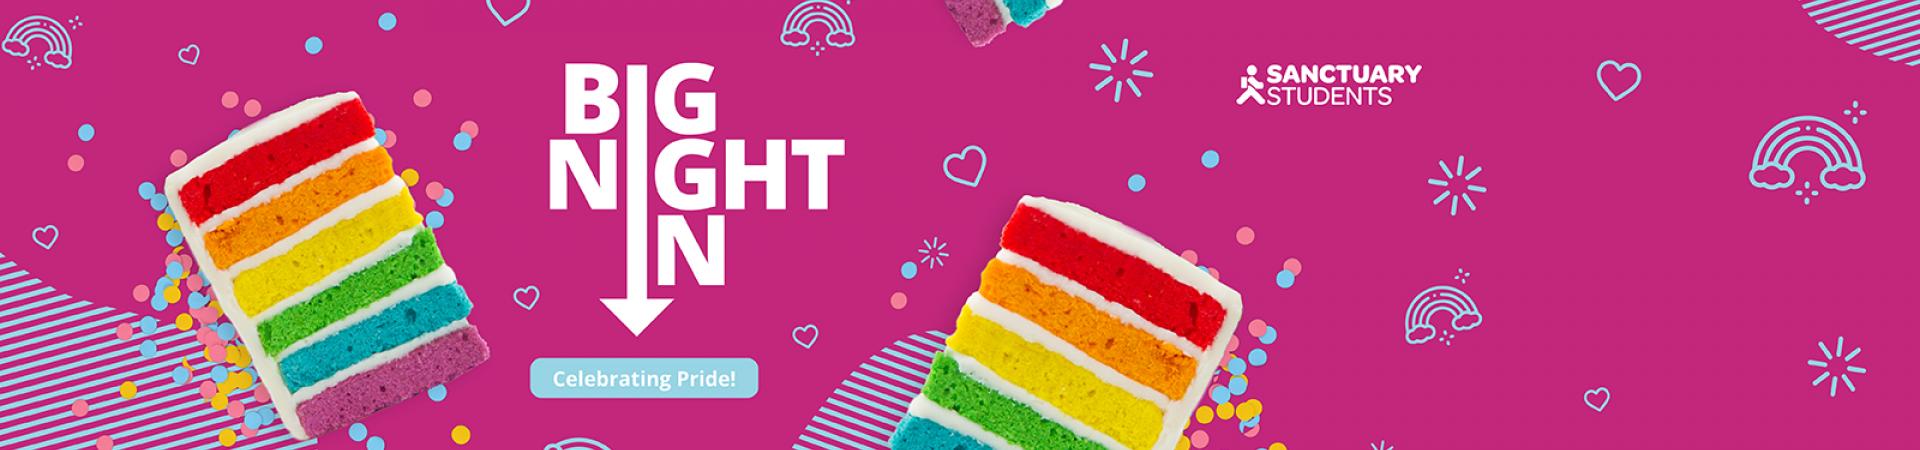 Big Night In: celebrating Pride banner